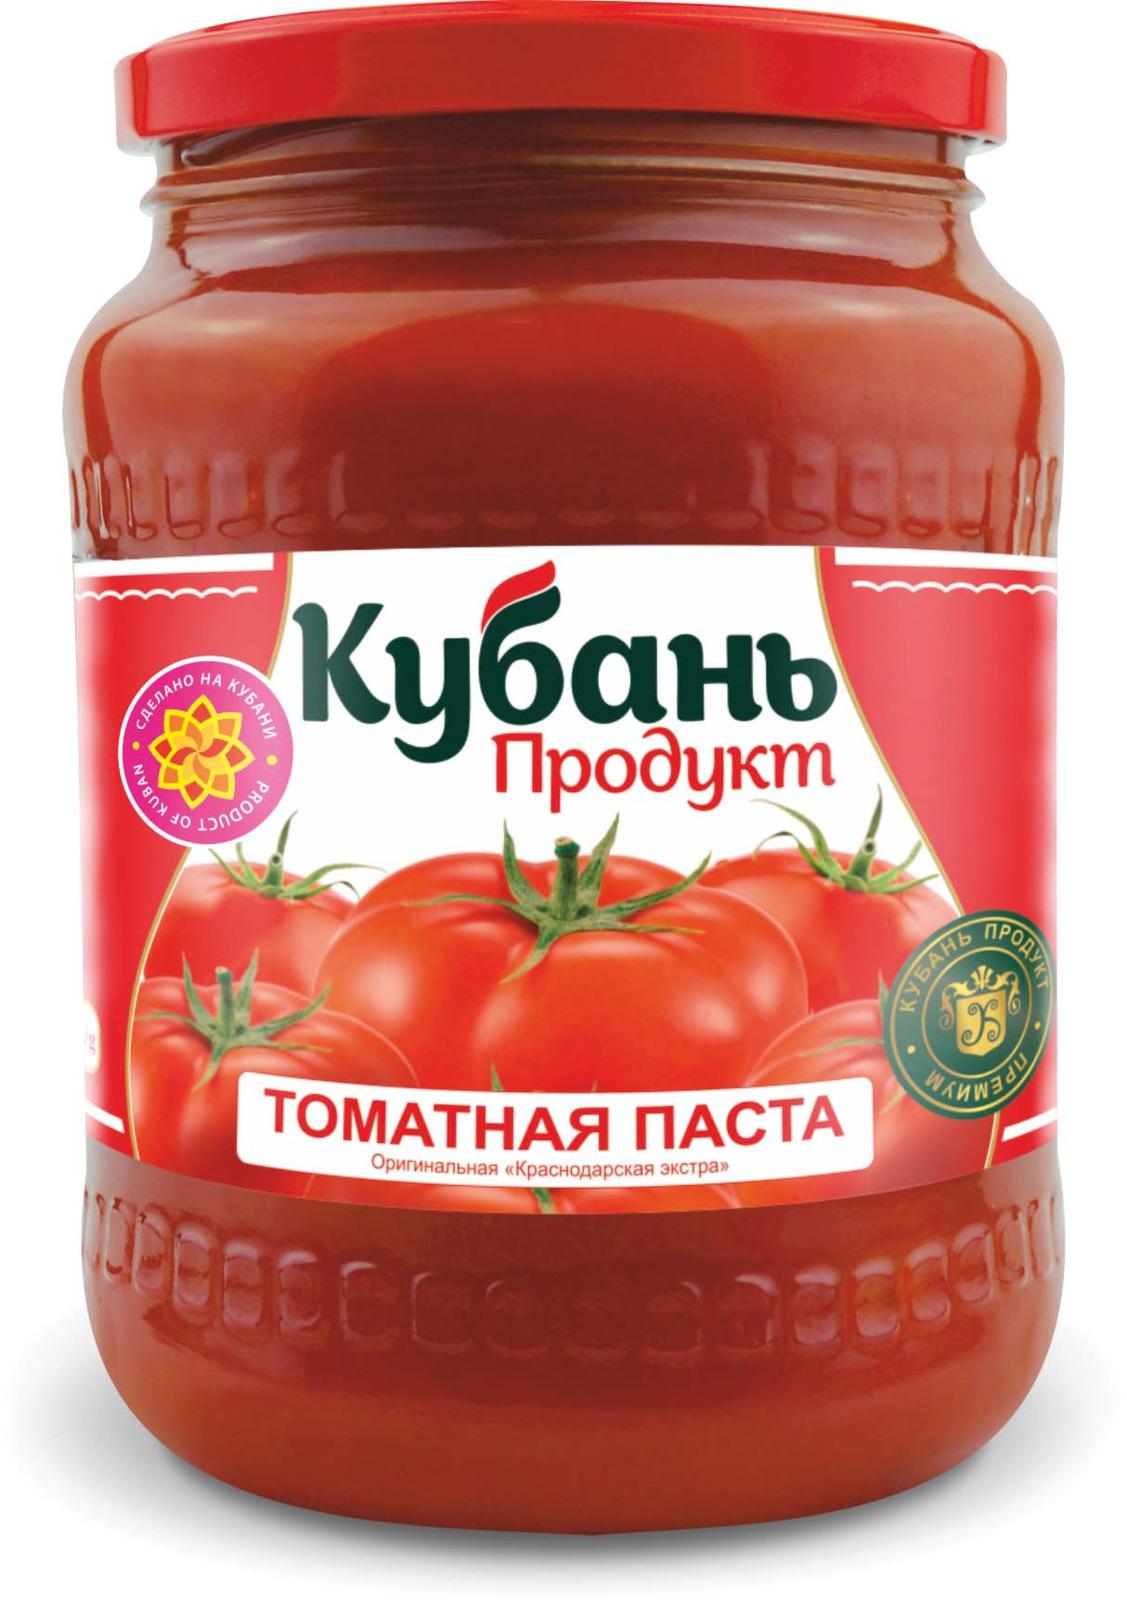 Кубань Продукт паста томатная, 720 г кубань авиабилеты